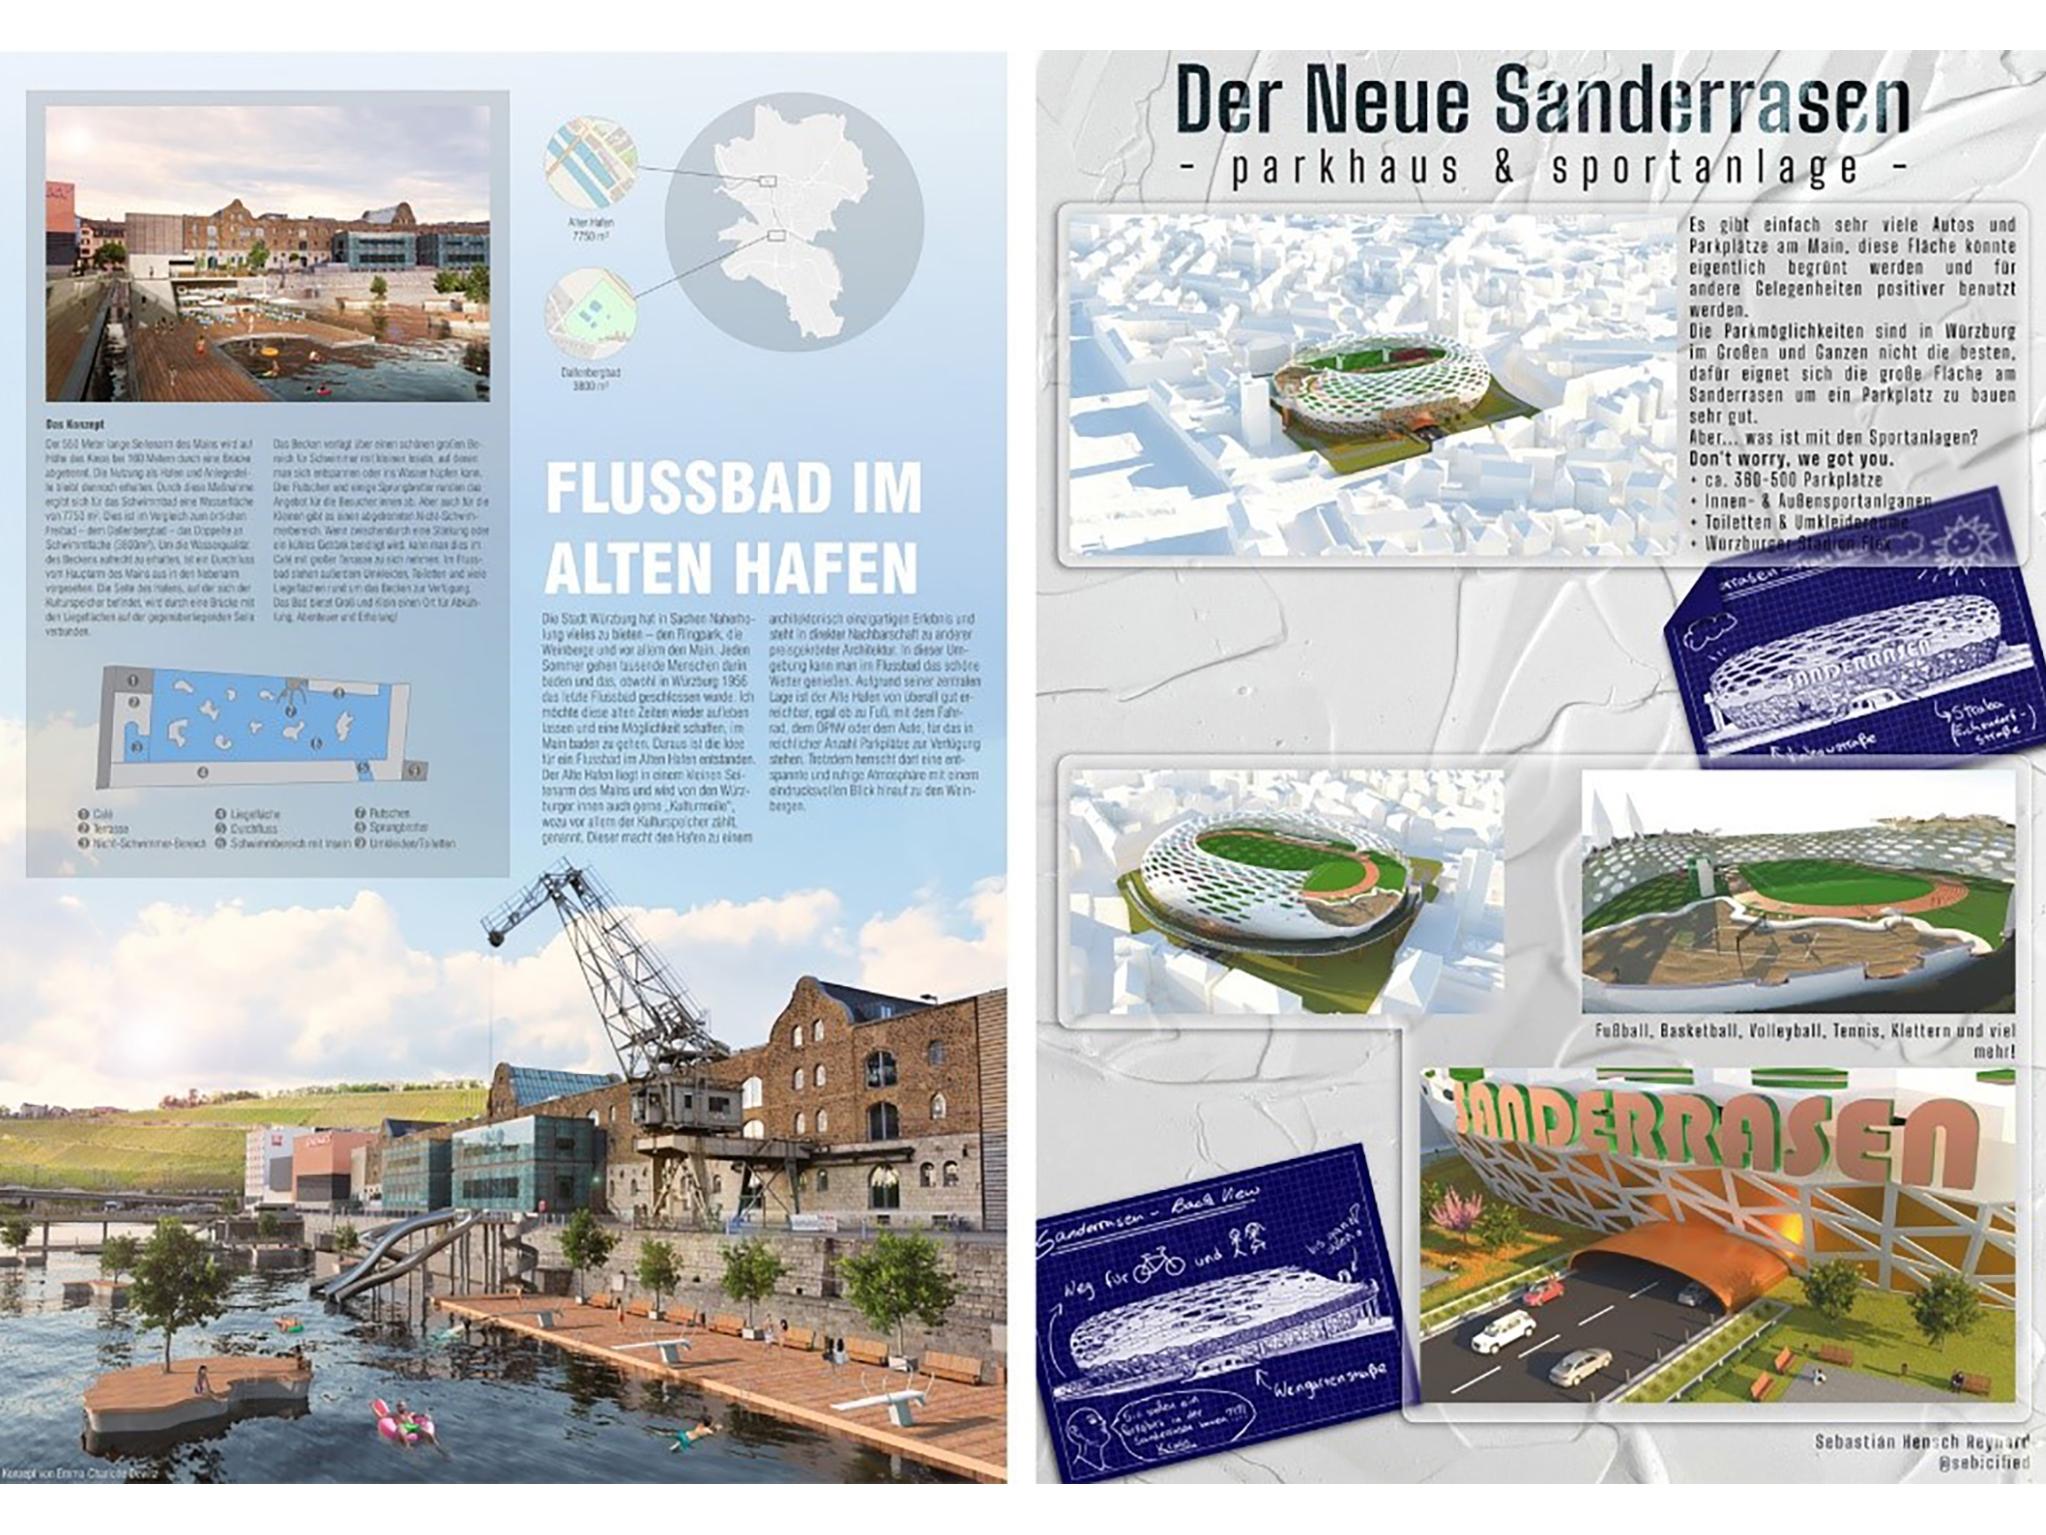 Ob ein Flussbad im Alten Hafen oder eine futuristische Park- und Sportanlage in der Sanderau – die Studierenden haben ihrer Kreativität keine Grenzen gesetzt. Foto: Anja Legge